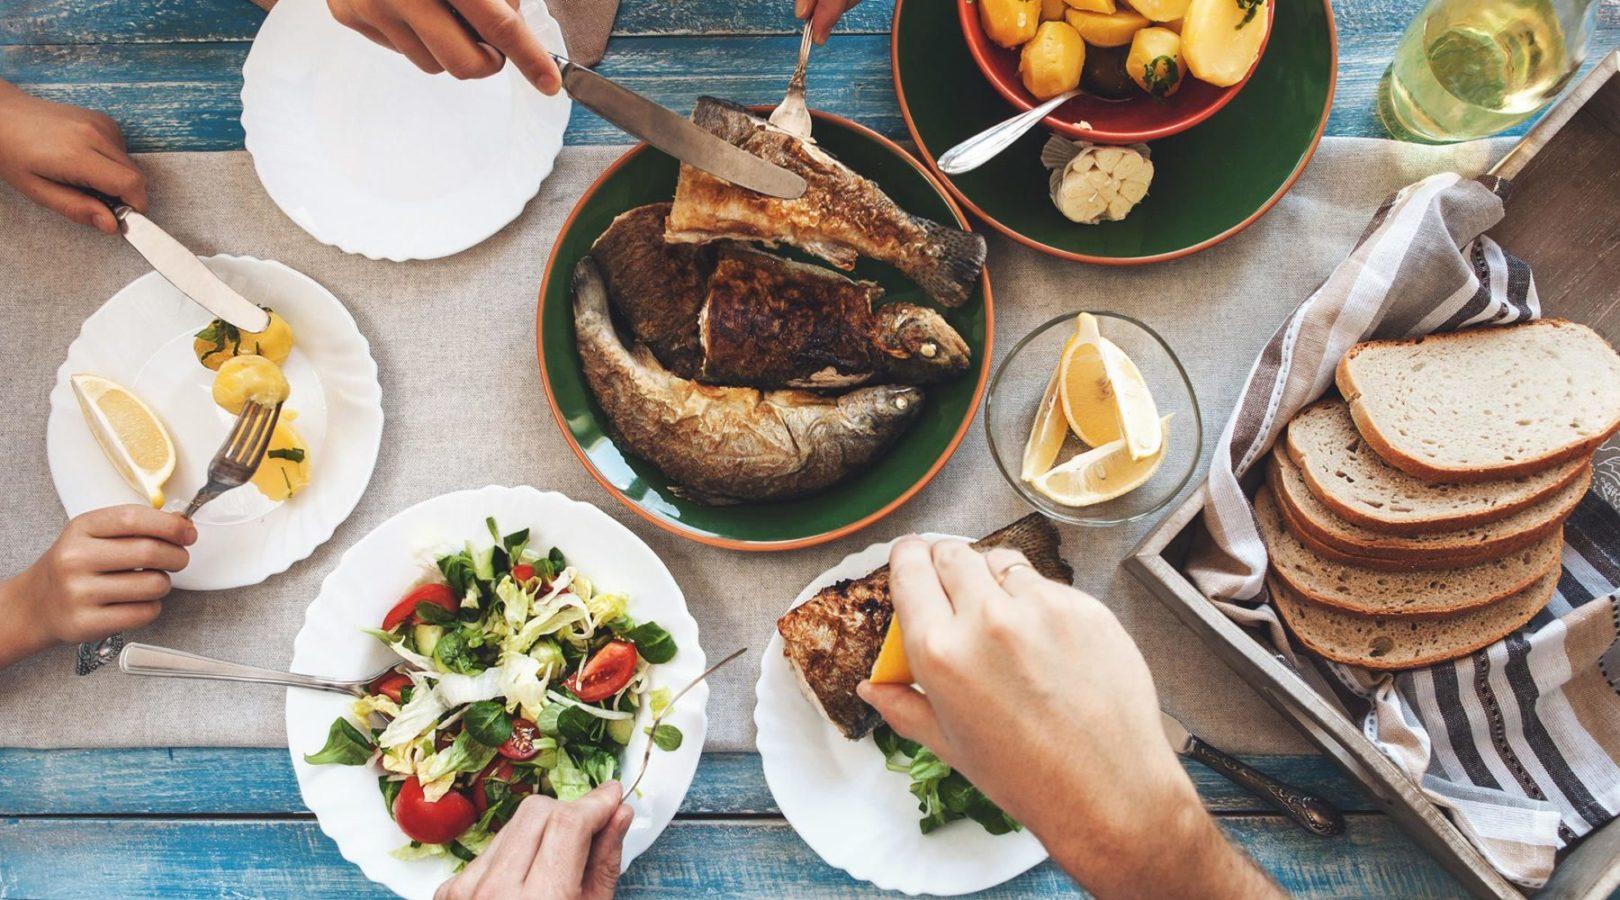 Еда: 5 мифов, развенчанных наукой